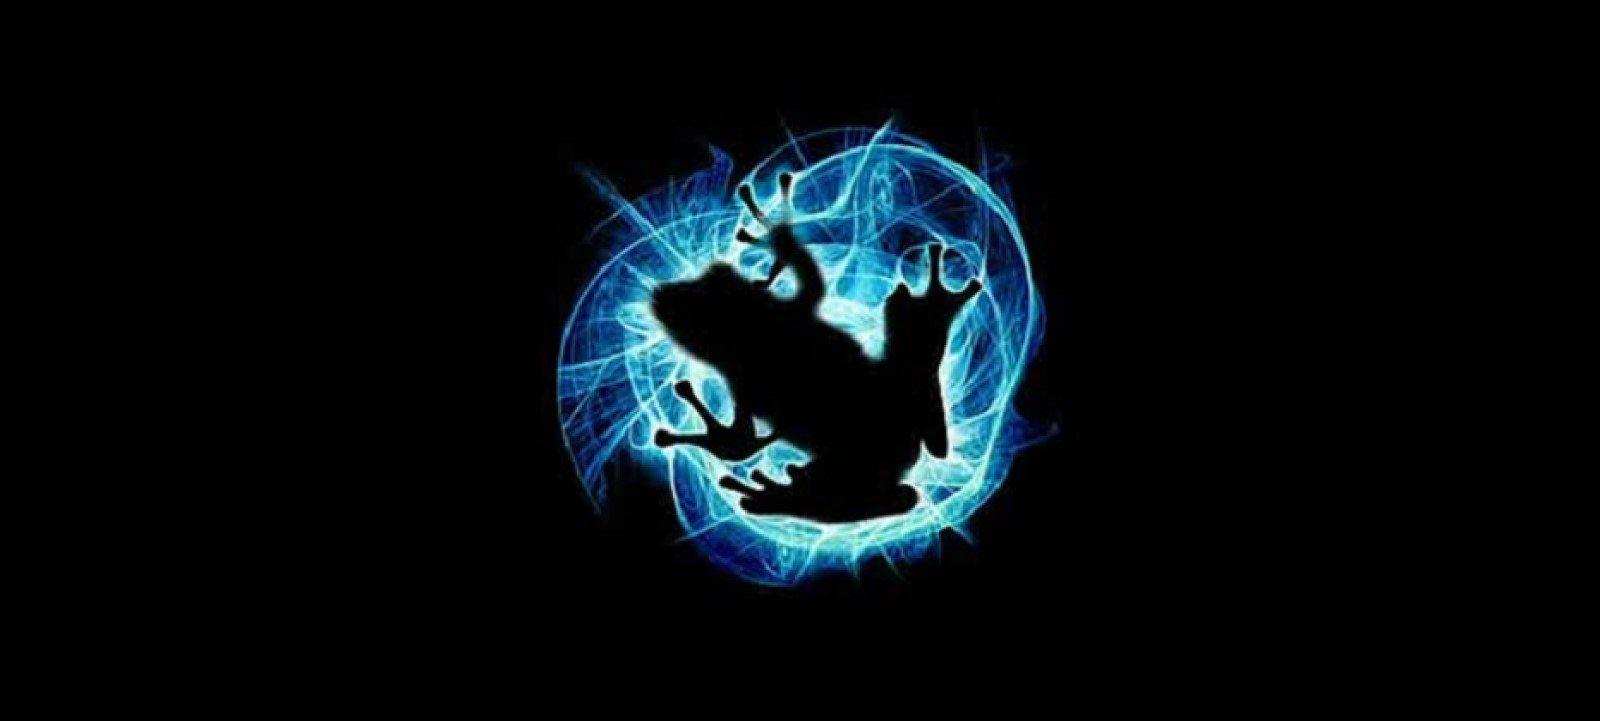 Кто такой Icefrog Что мы знаем о создателе Dota 2